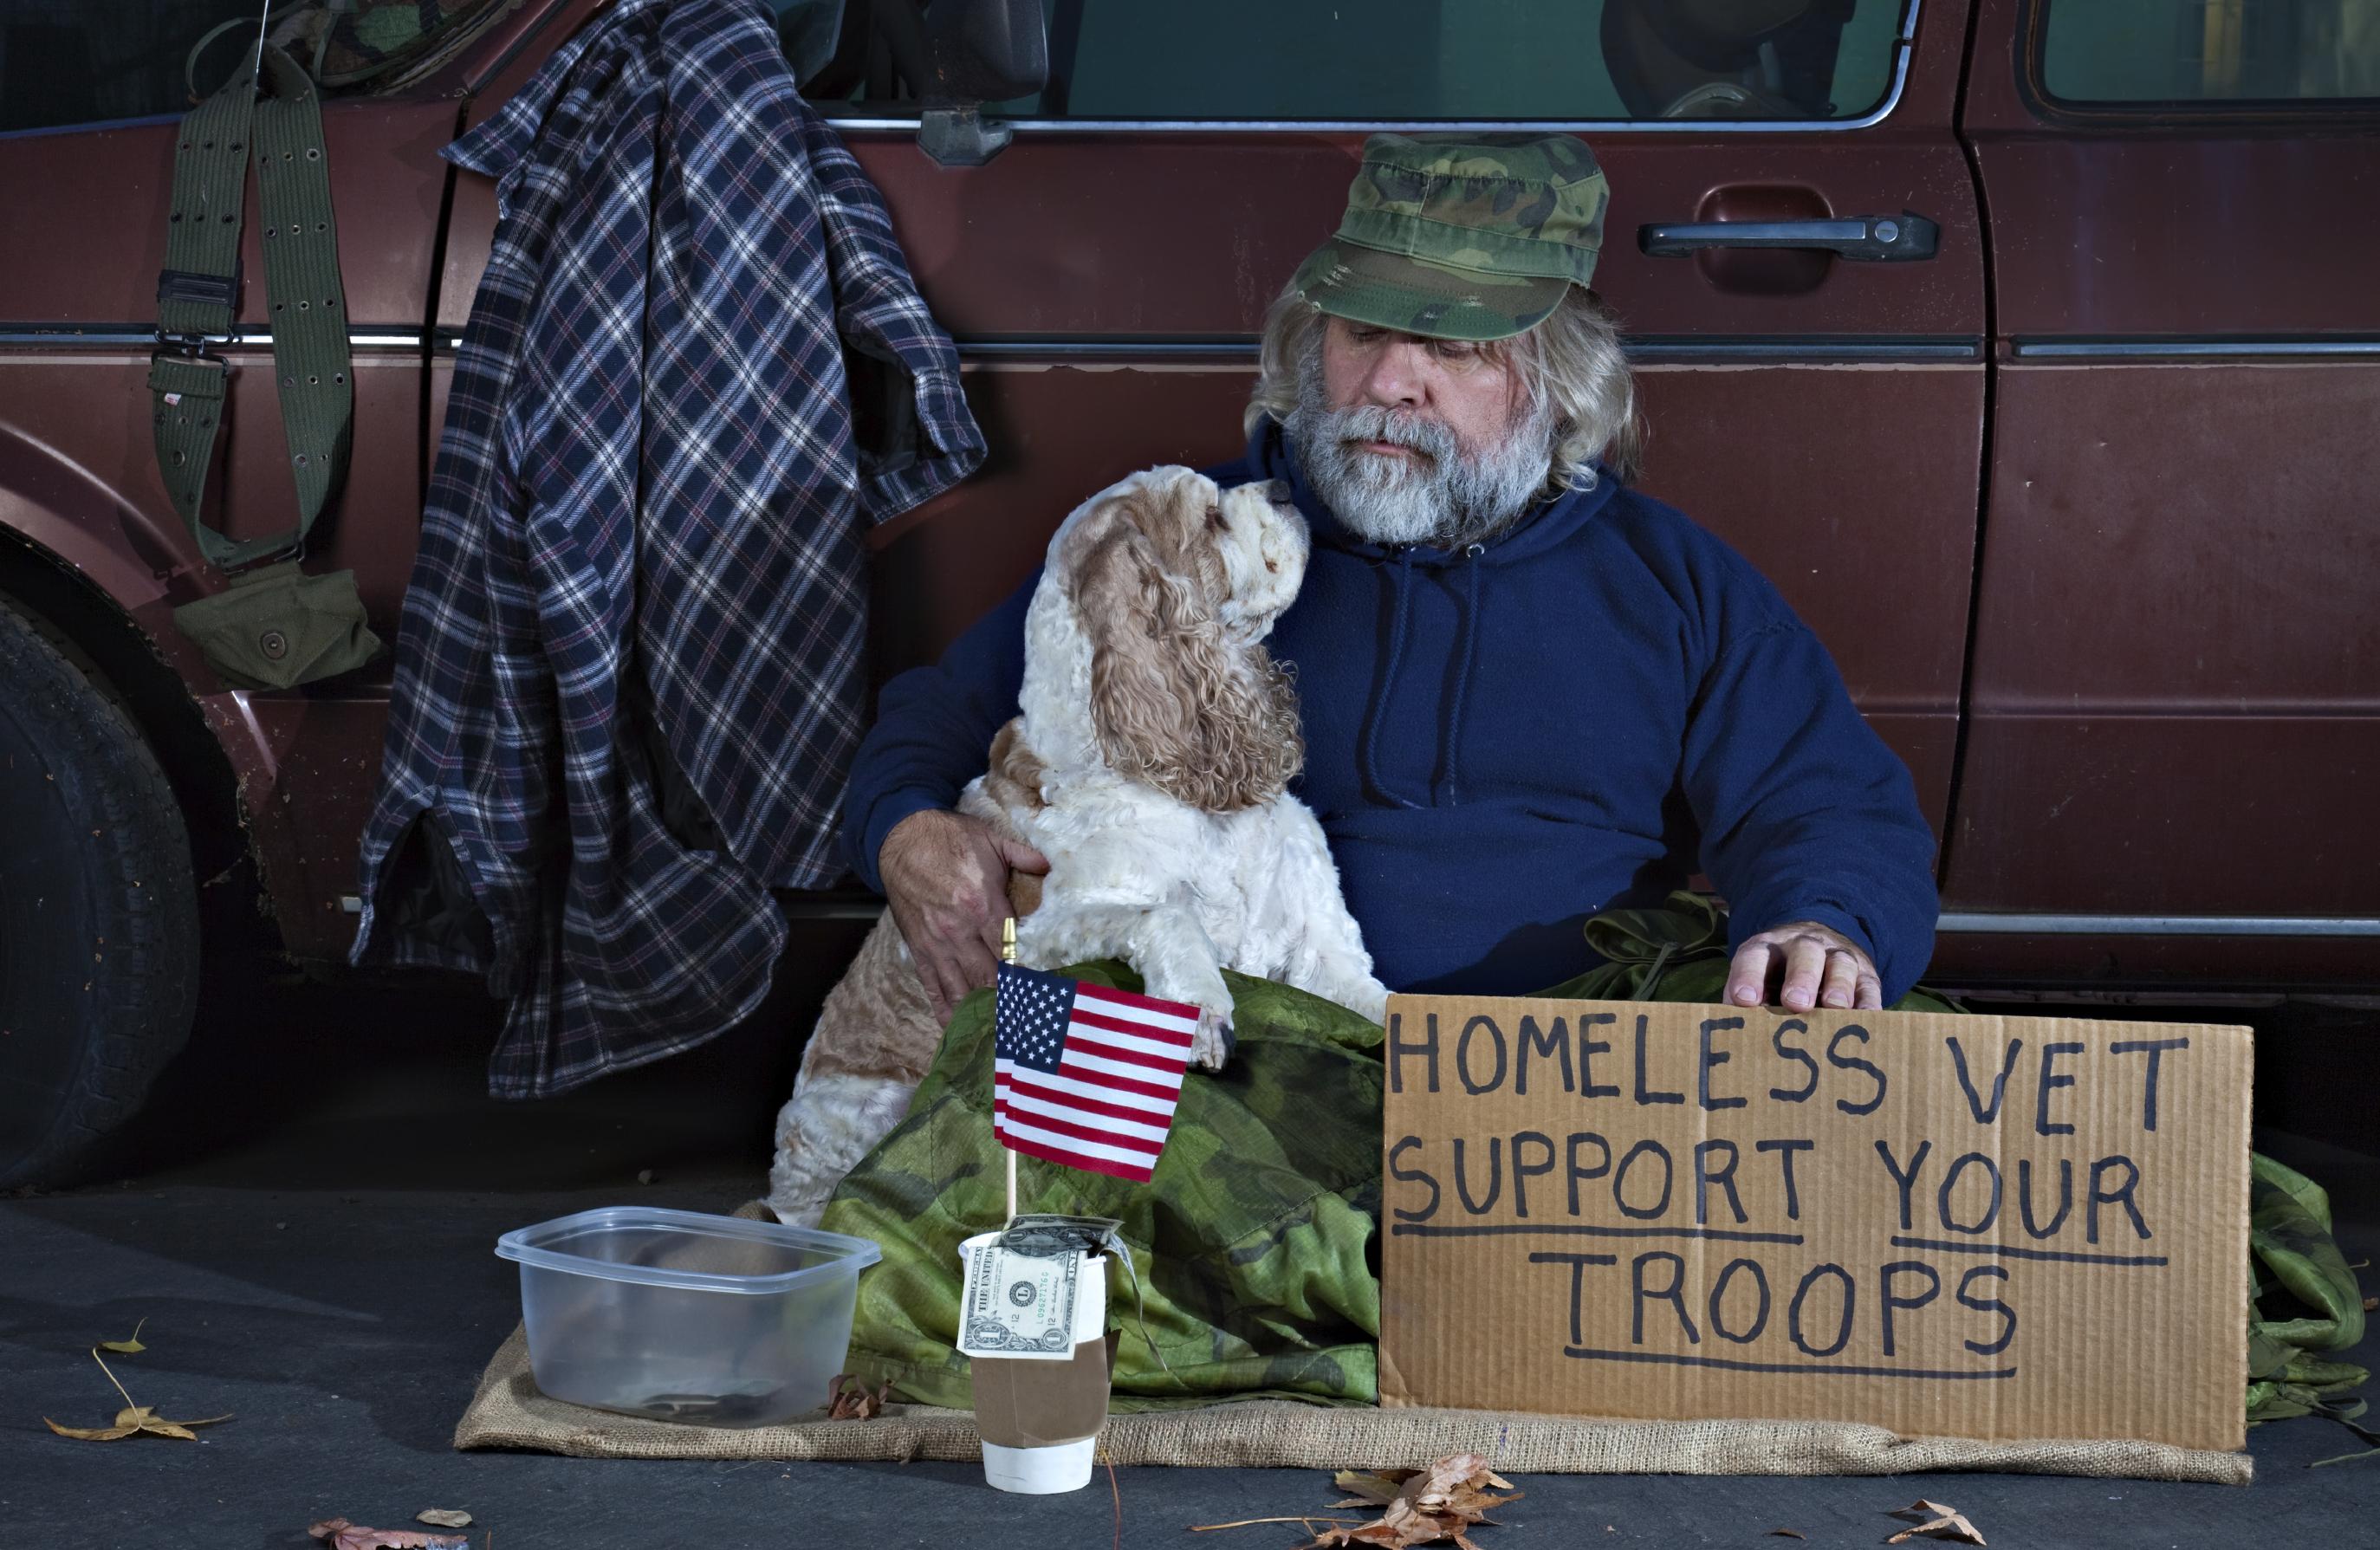 homeless-veteran